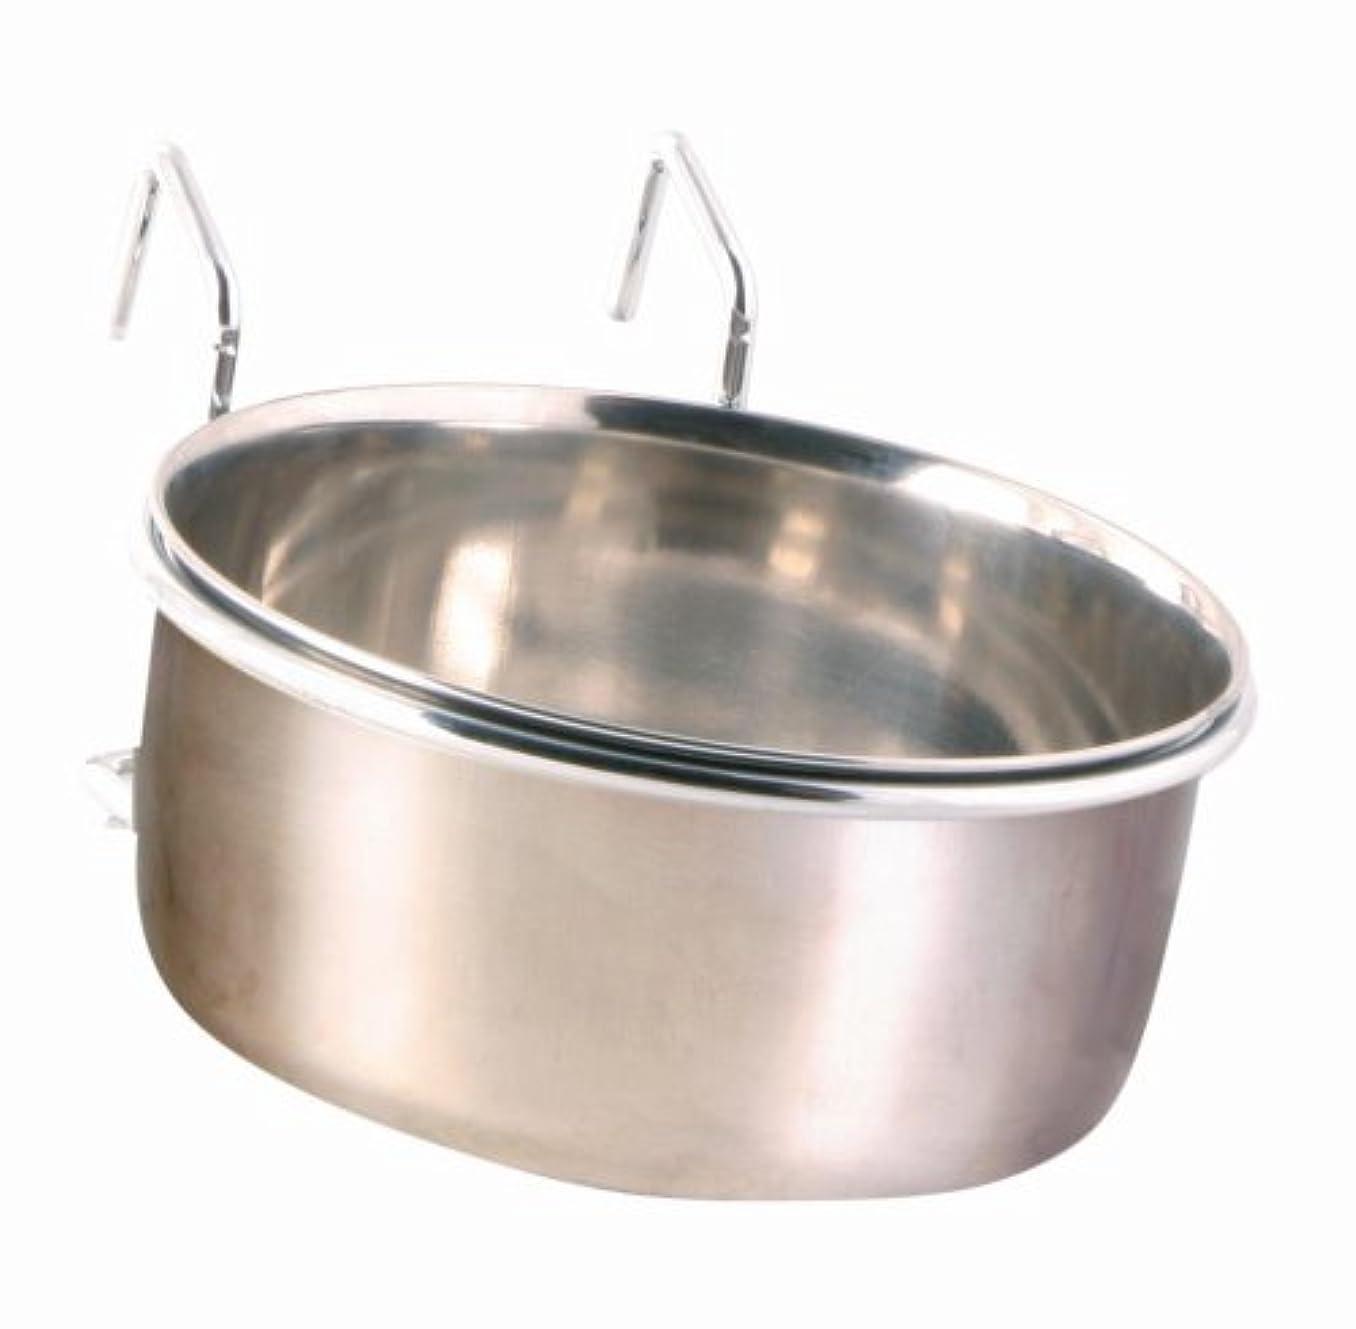 不透明なプレートコンセンサスClip On Bowl Medium. Used For Bird Cages, But Also Can Be Used For Dogs. Holds 600 Ml/テδ 12 Cm by Trixie